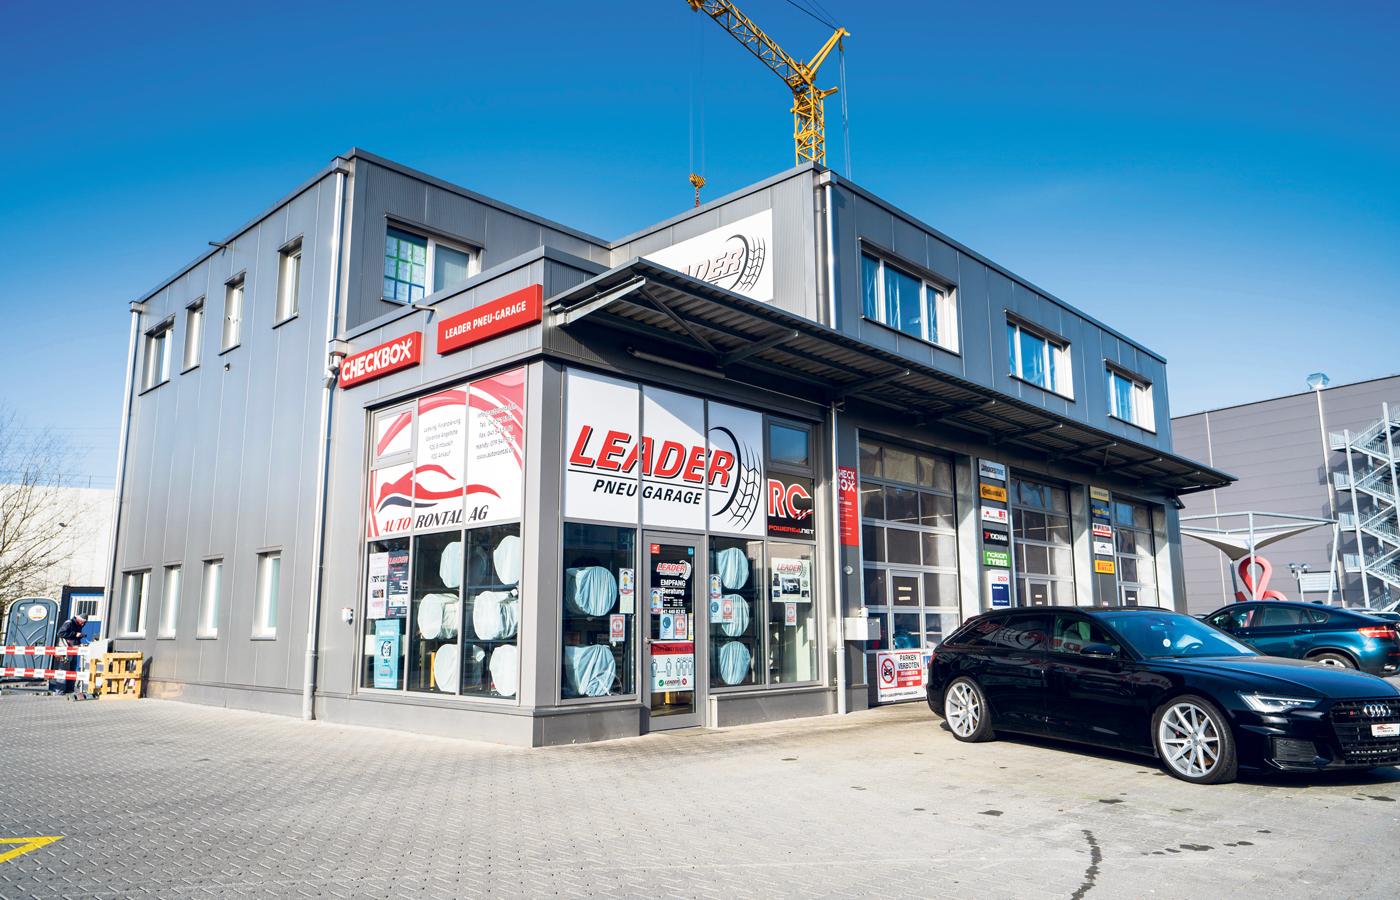 Leader-Pneu-Garage-Ihr-Spezialist-f-r-alles-rund-ums-Auto